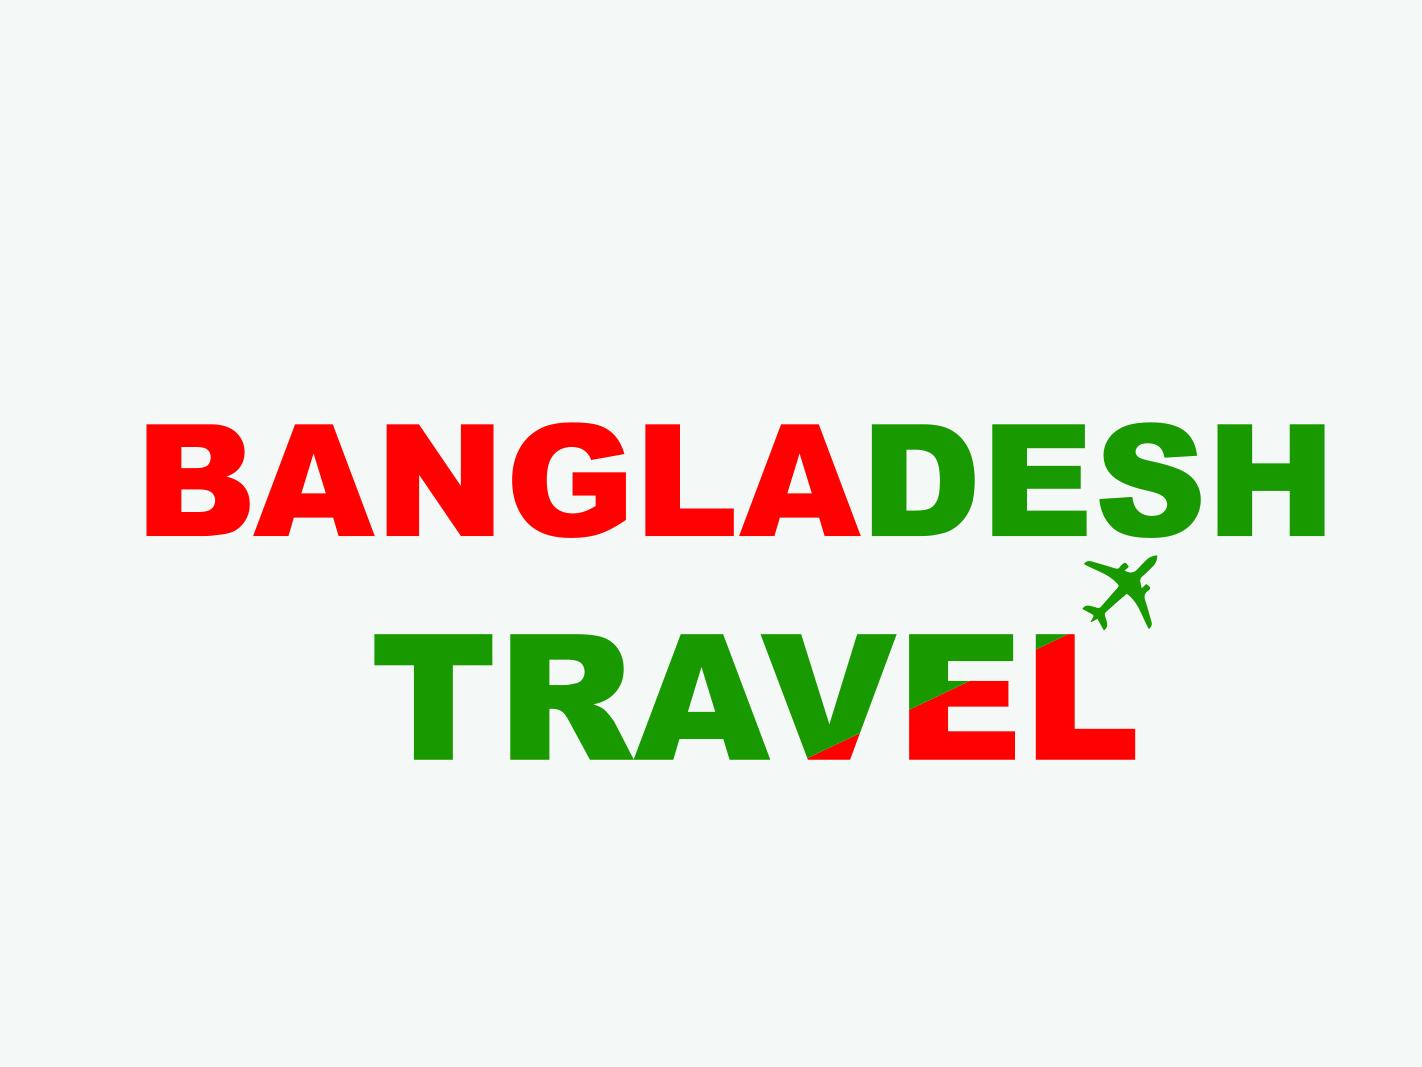 Bangladesh travel logo